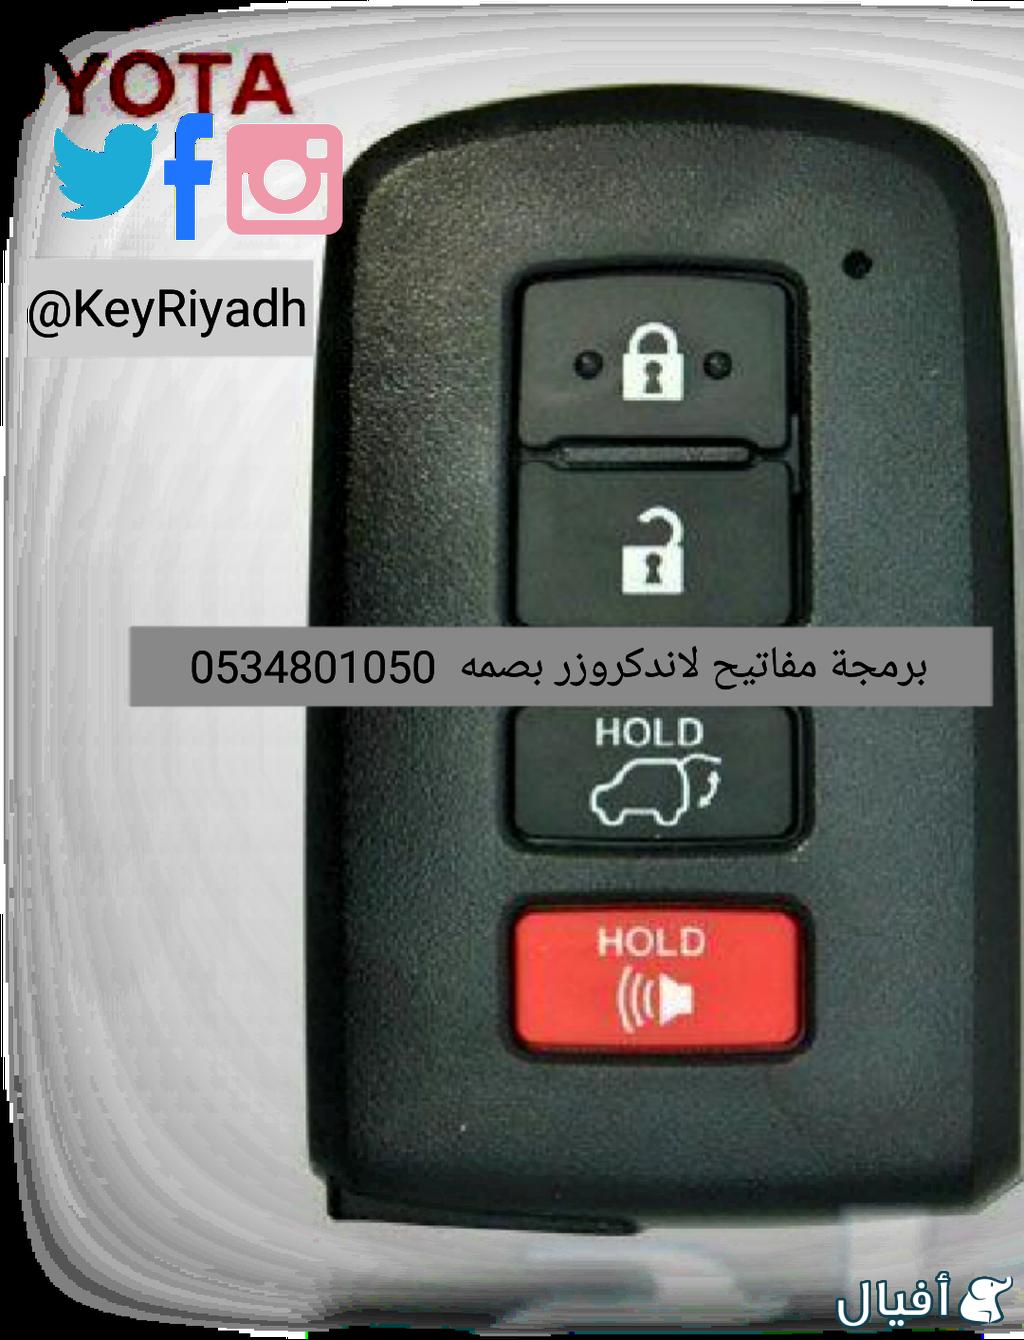 محل مفاتيح السيارات البصمه والمشفره